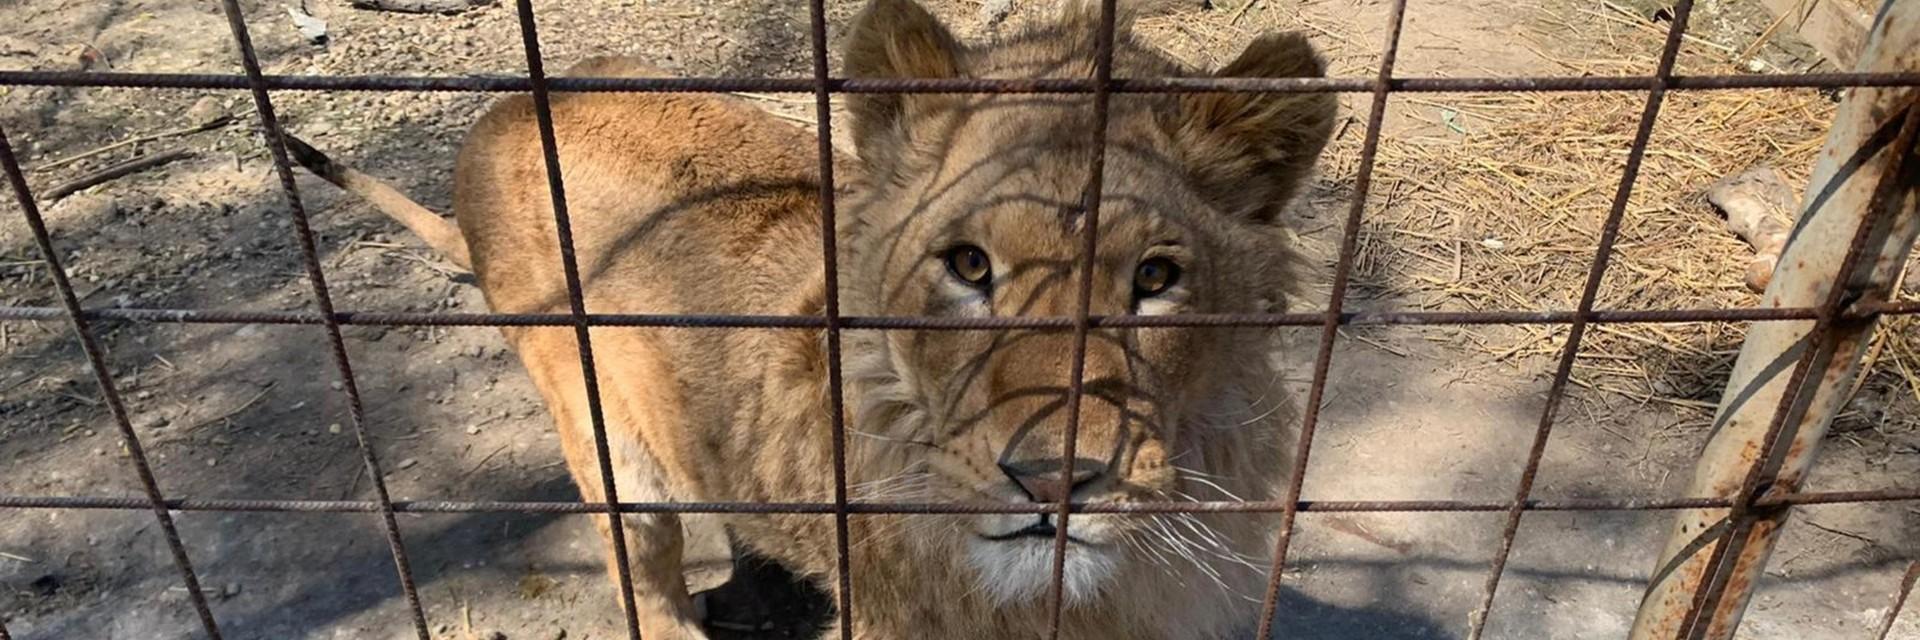 Leeuwen in nood in Roemenië